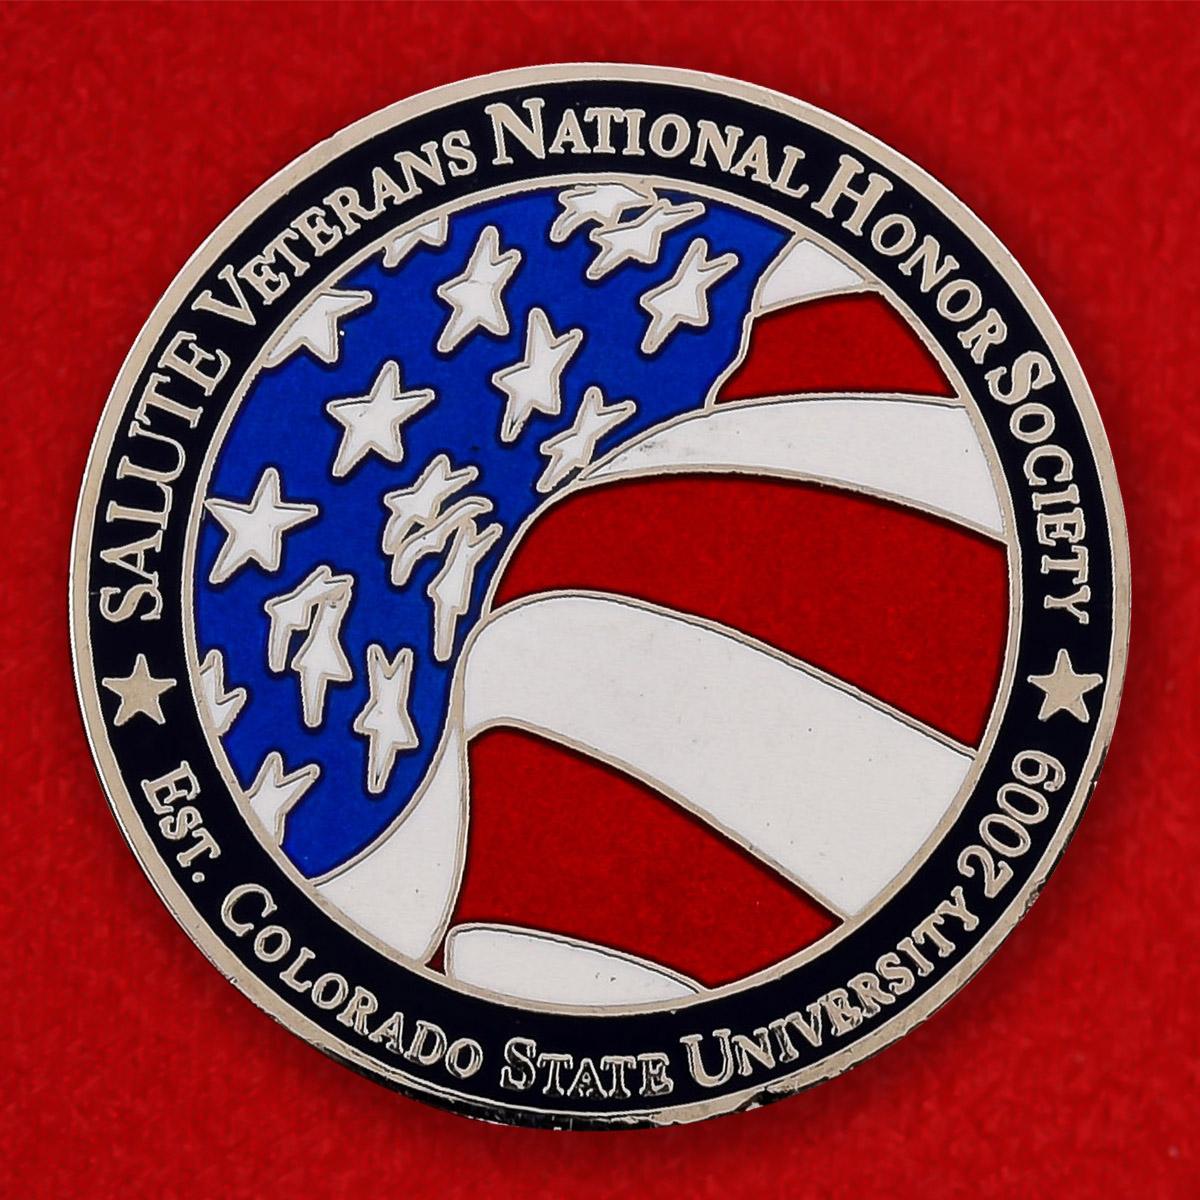 Челлендж коин организации военных ветеранов Университета штата Колорадо